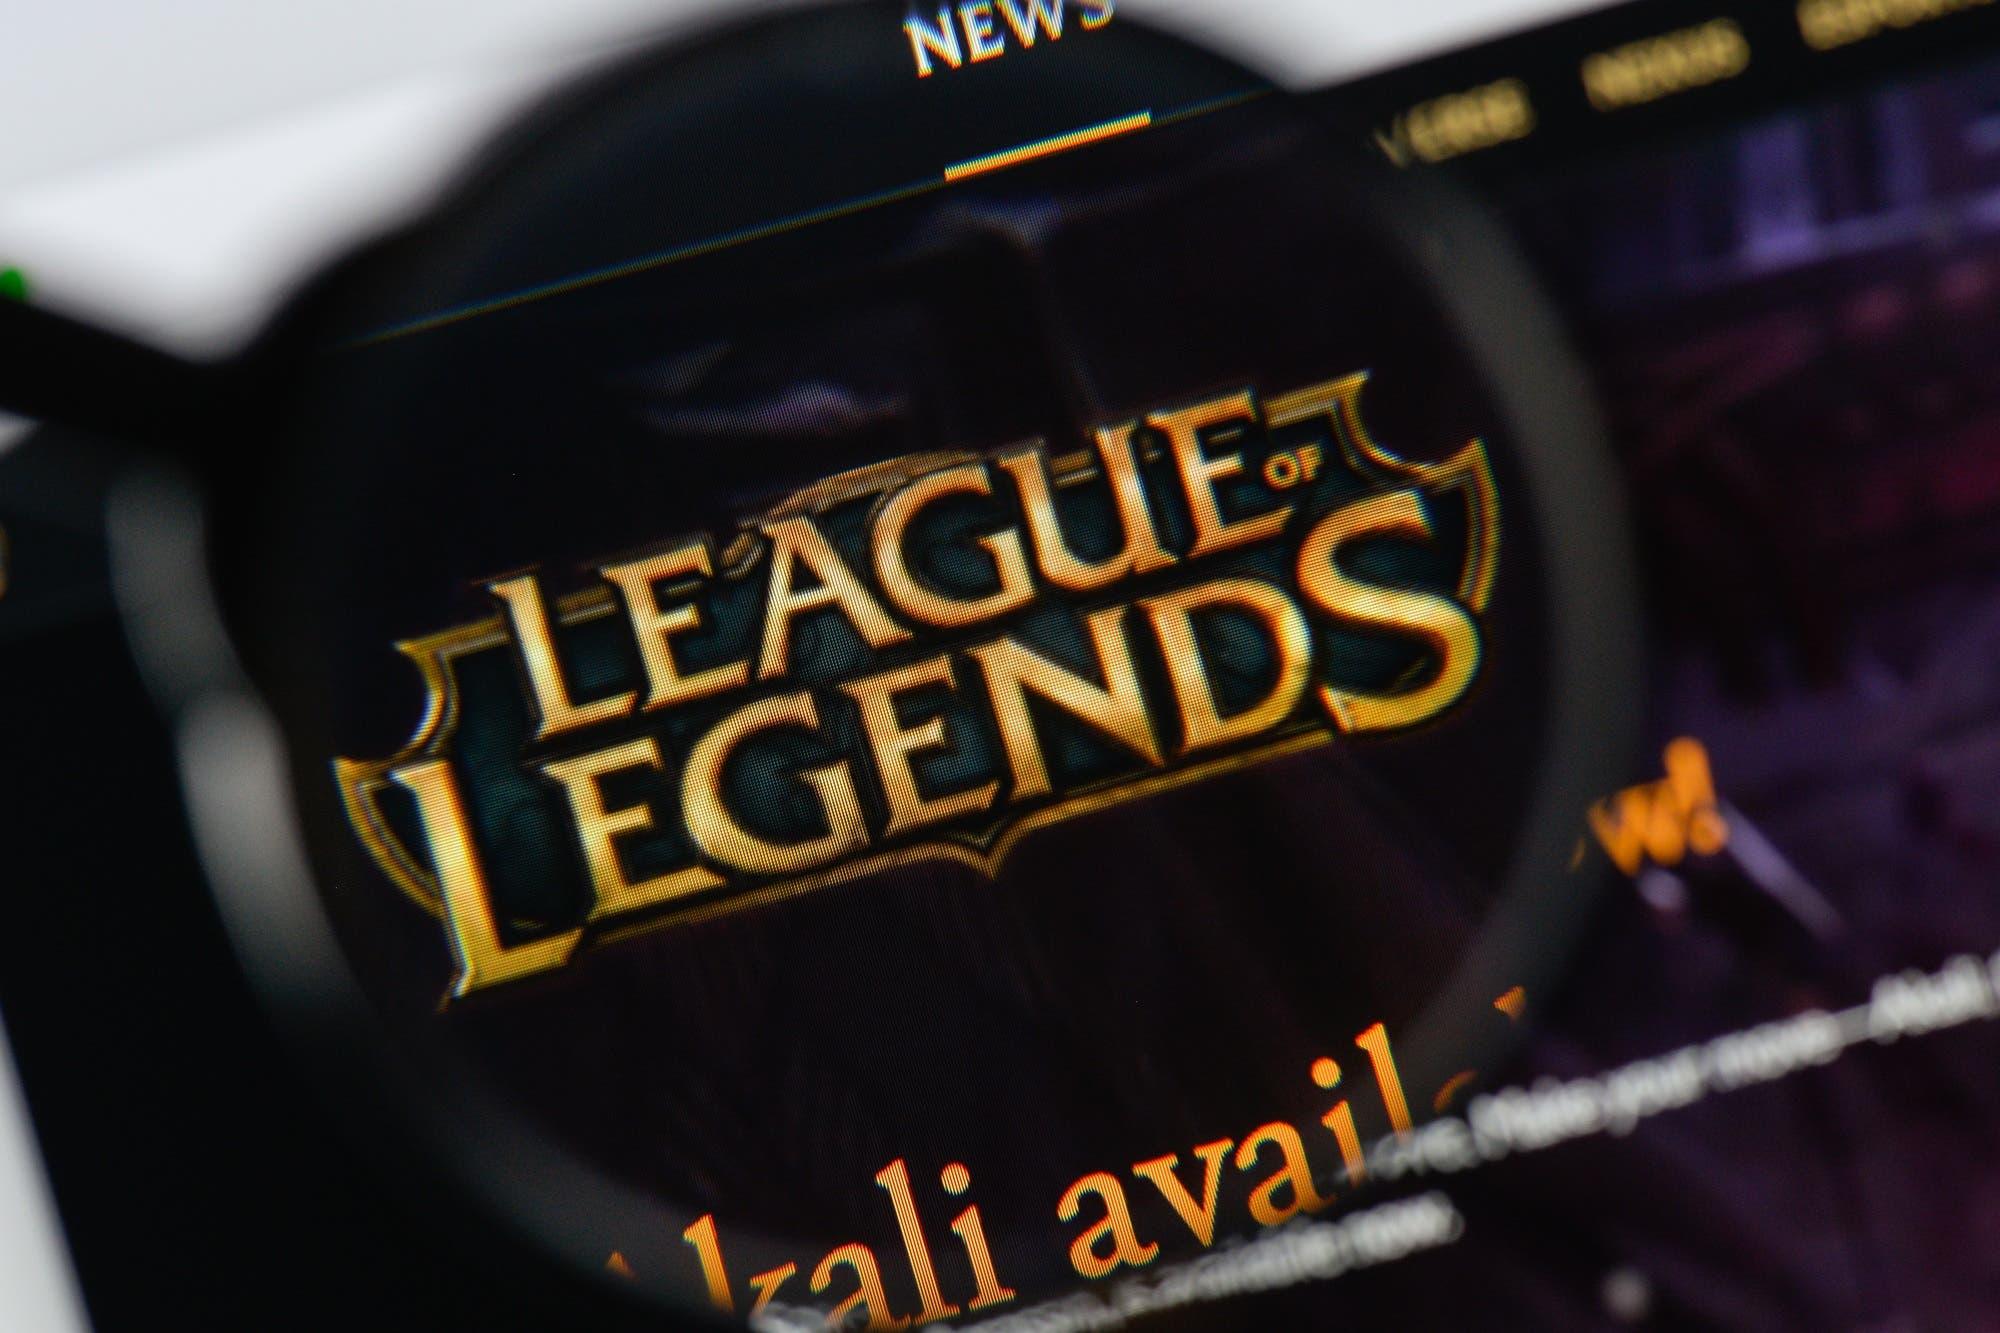 La final de la liga argentina de League Of Legends llega a Obras este fin de semana